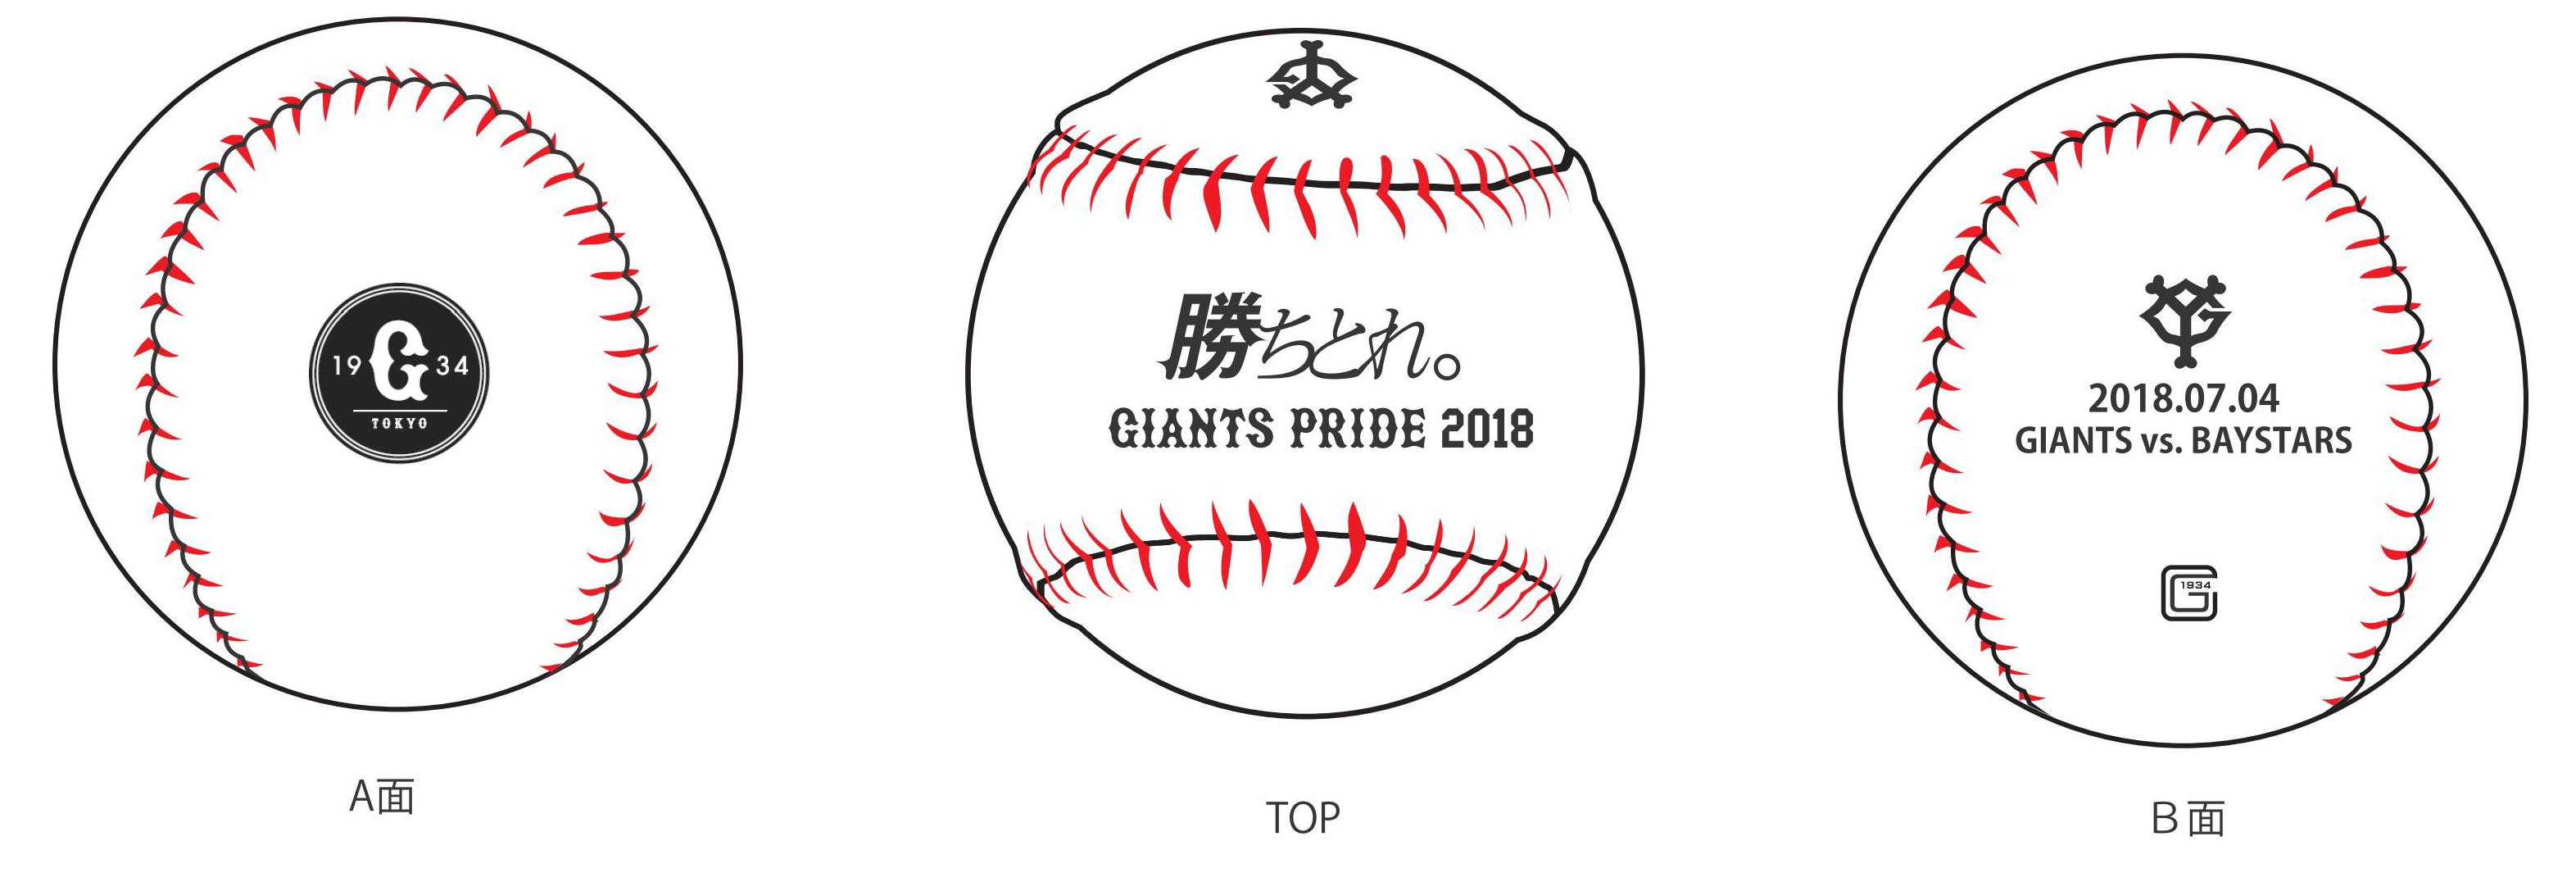 今季のスローガン「勝ちとれ。」のロゴが入った「来場記念球付きチケット」を販売する